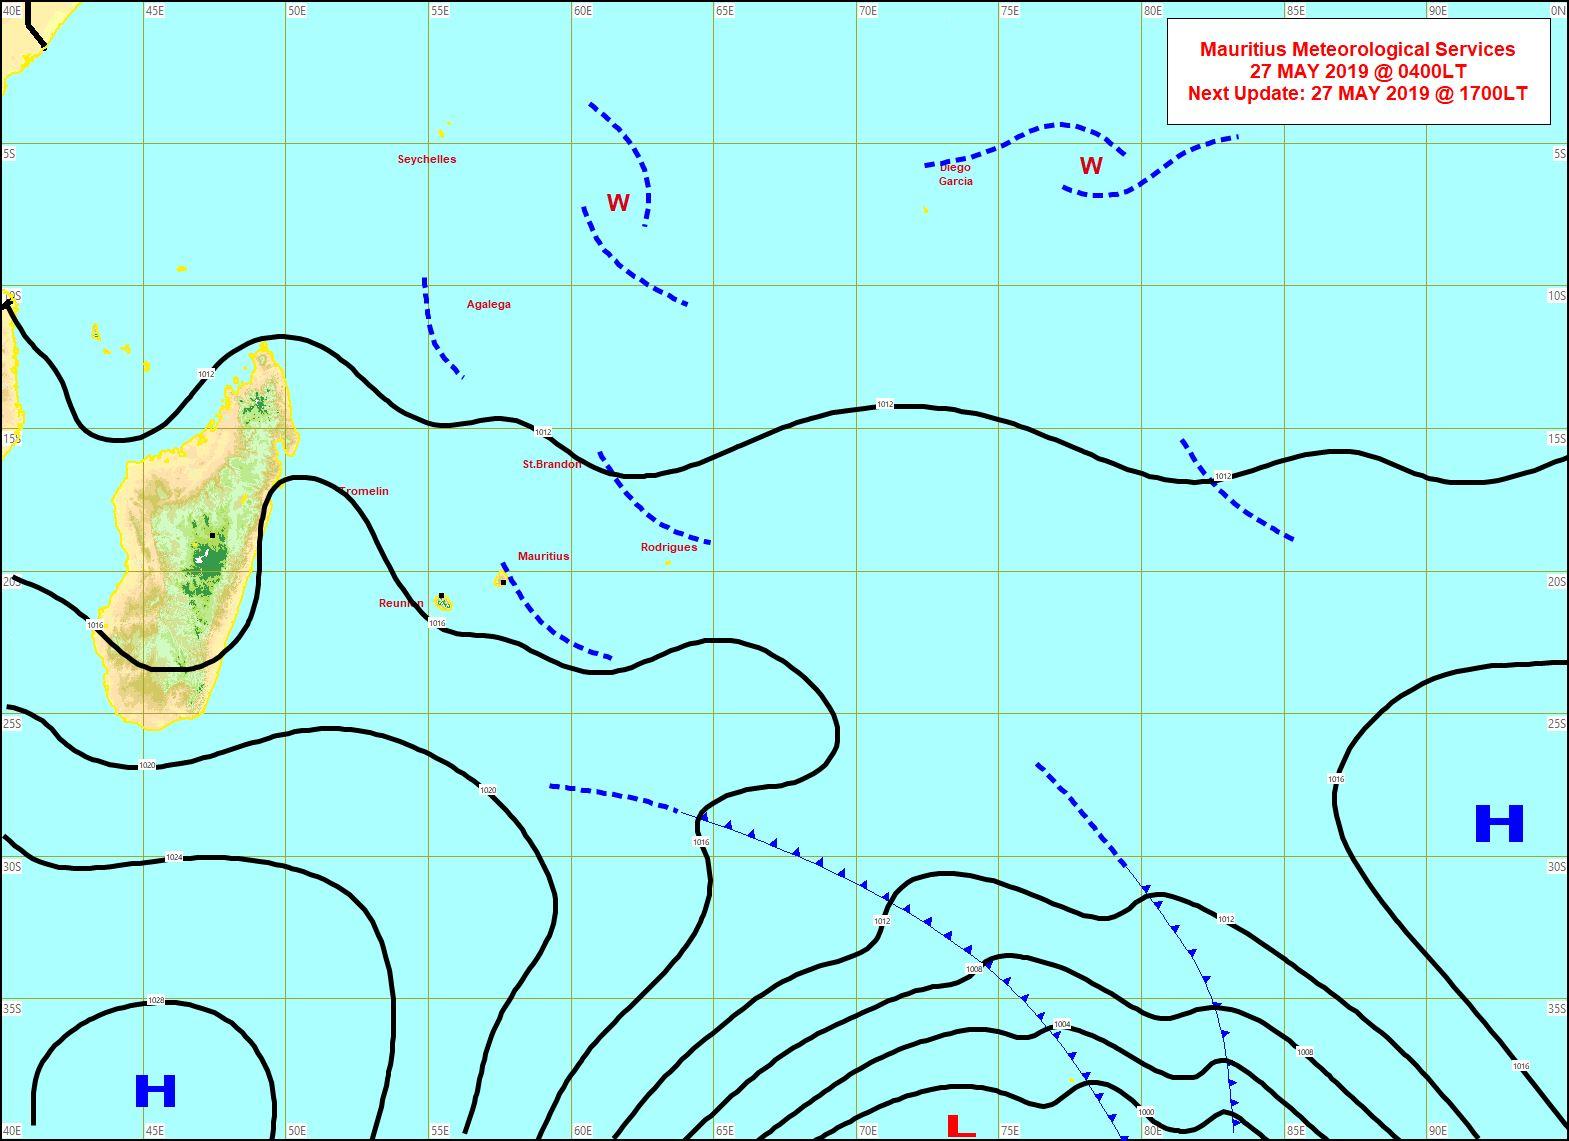 Analyse de la situation en surface ce matin à 4heures. L'anticyclone se positionne lentement au sud des Mascareignes. MMS/Vacoas.